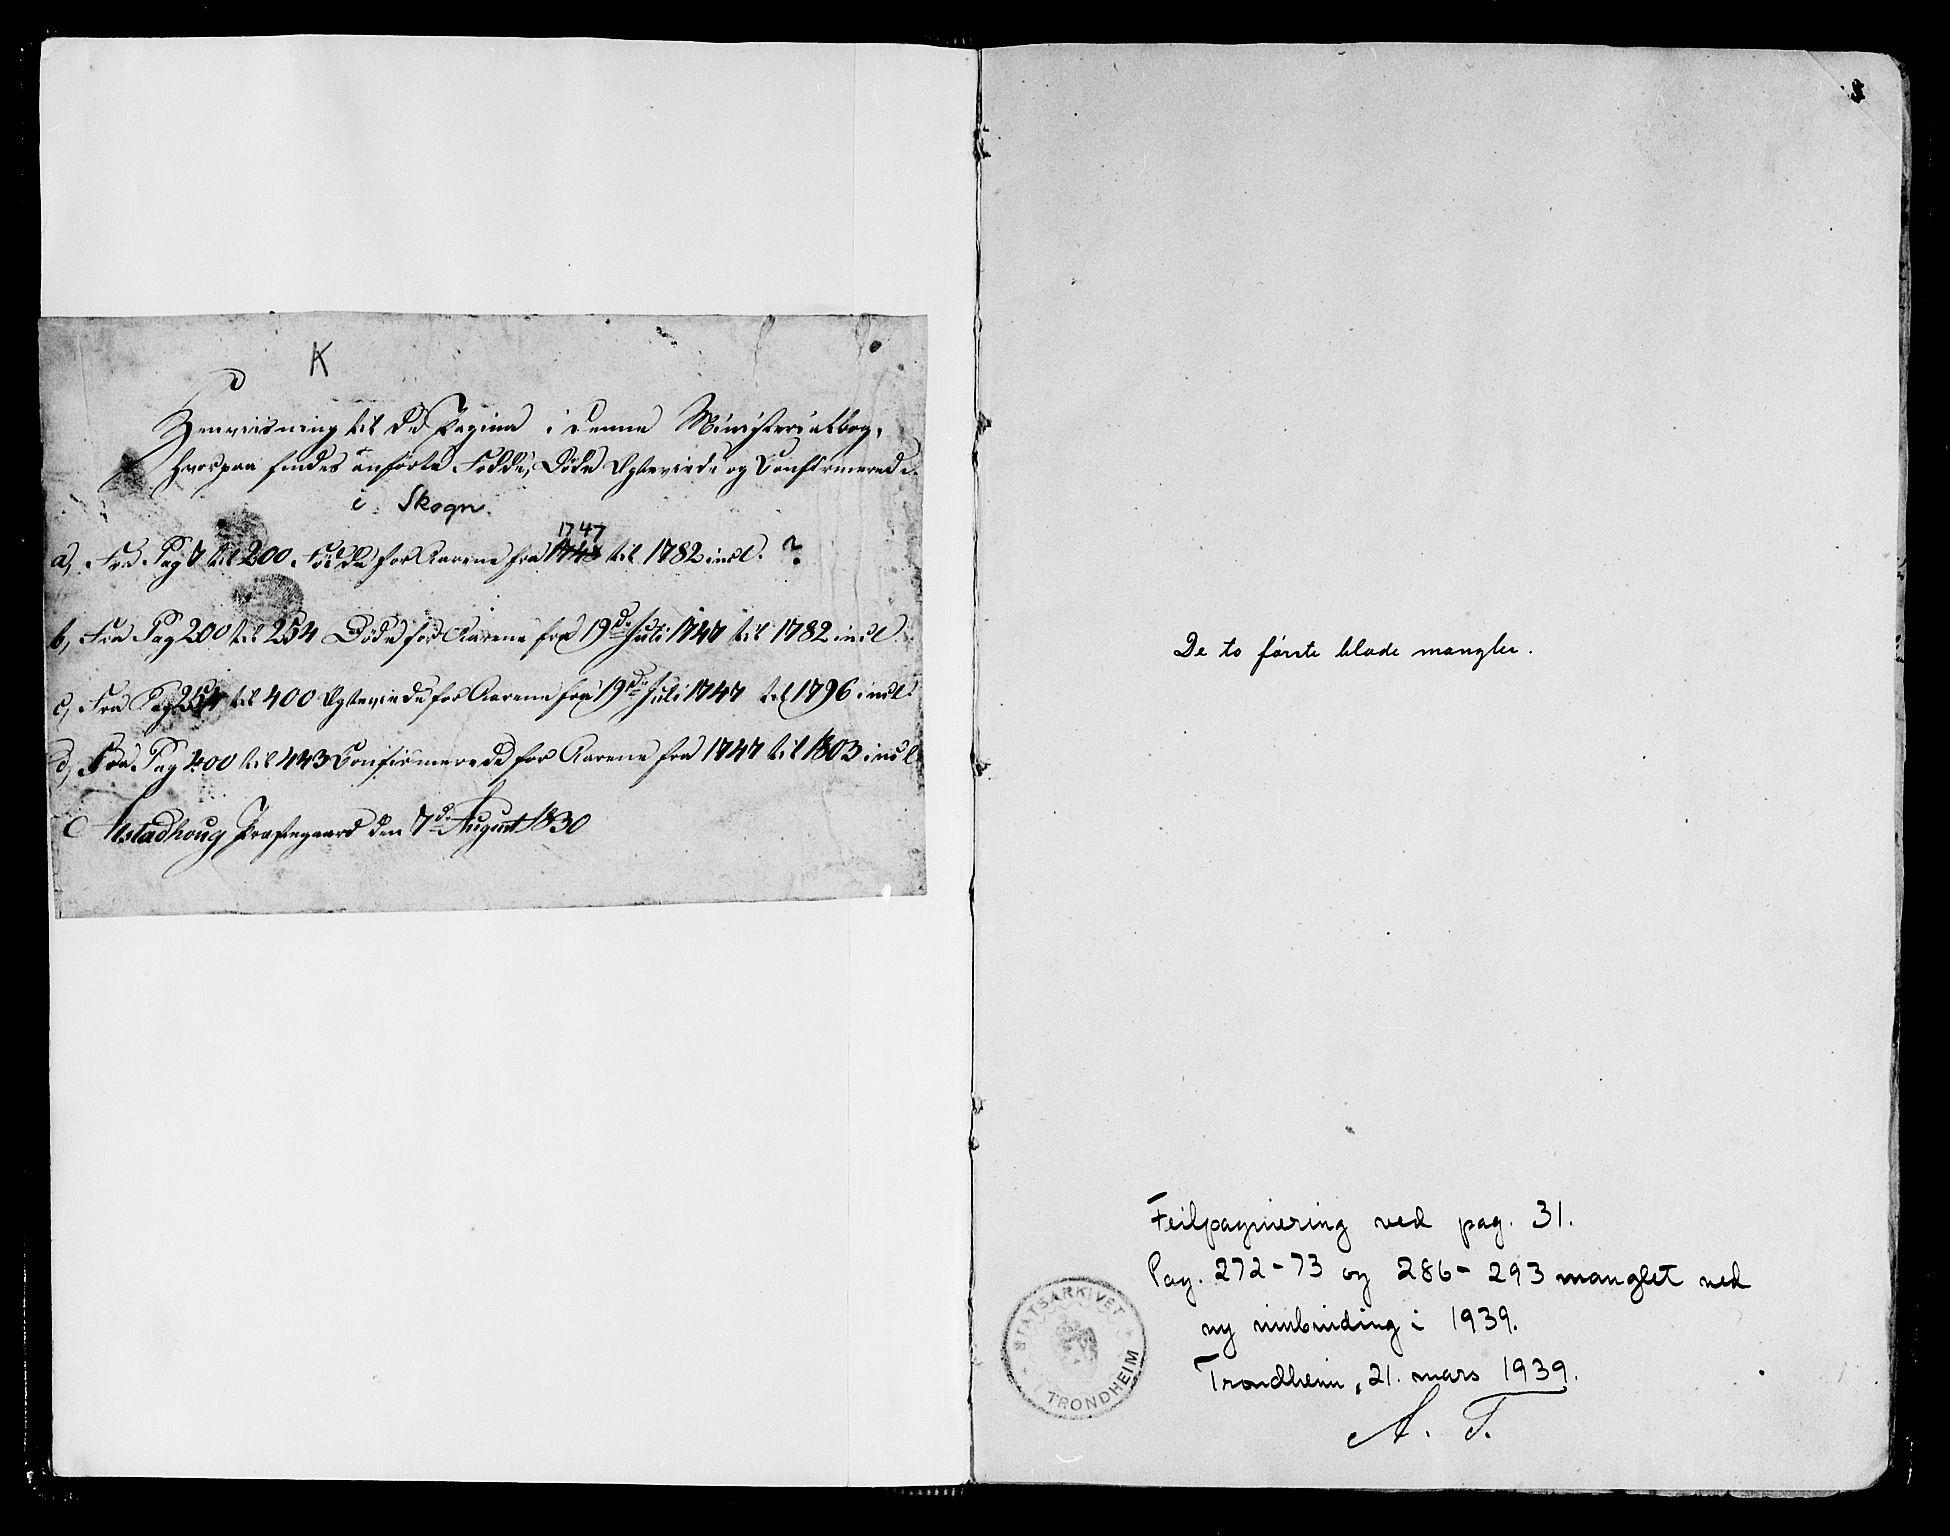 SAT, Ministerialprotokoller, klokkerbøker og fødselsregistre - Nord-Trøndelag, 717/L0141: Ministerialbok nr. 717A01, 1747-1803